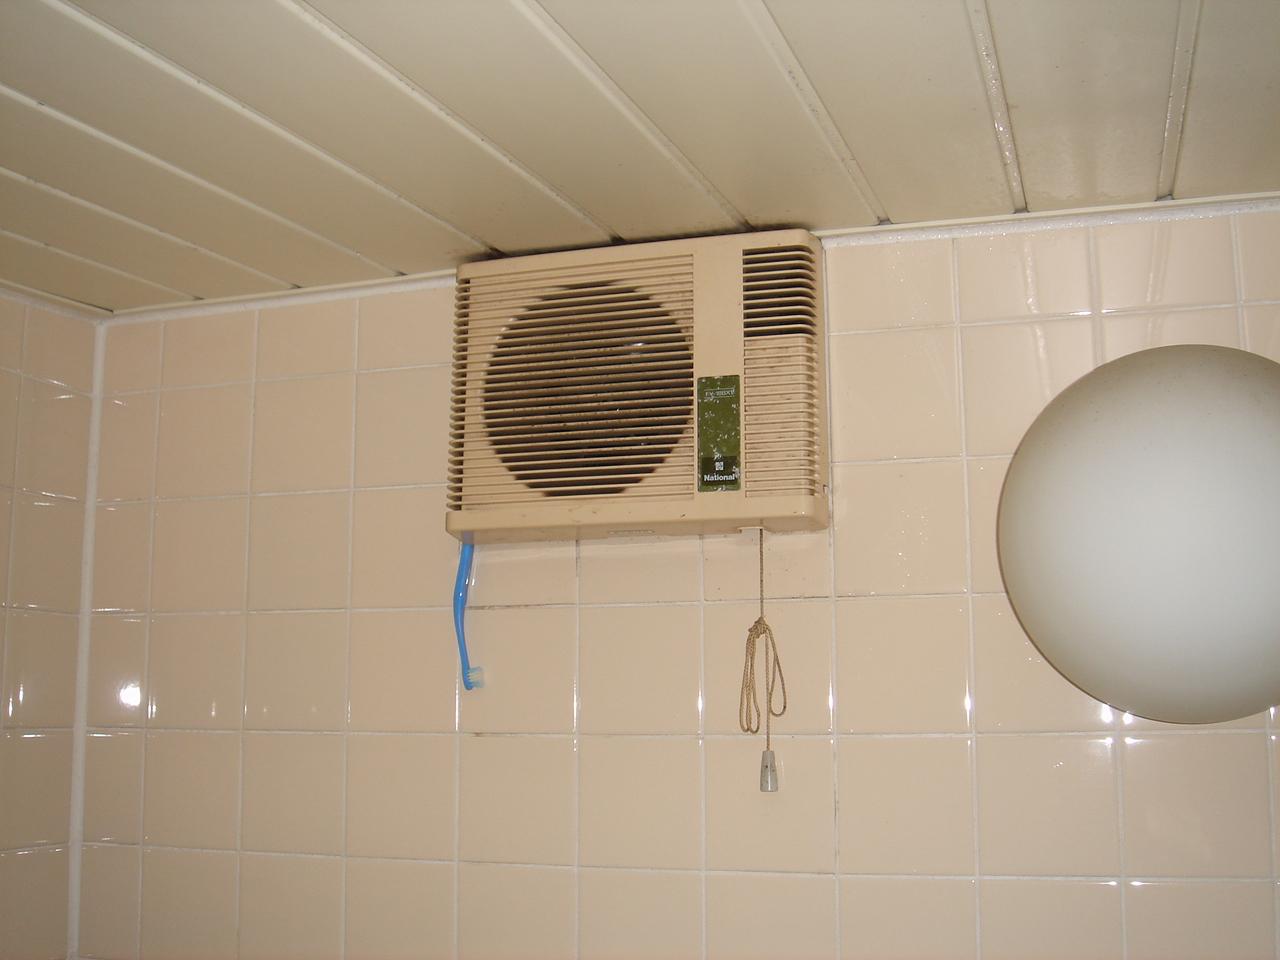 換気扇 風呂 交換 場 お風呂の換気扇は24時間つけっぱなしが基本!消さないメリットと気になる電気代は? 【enepi